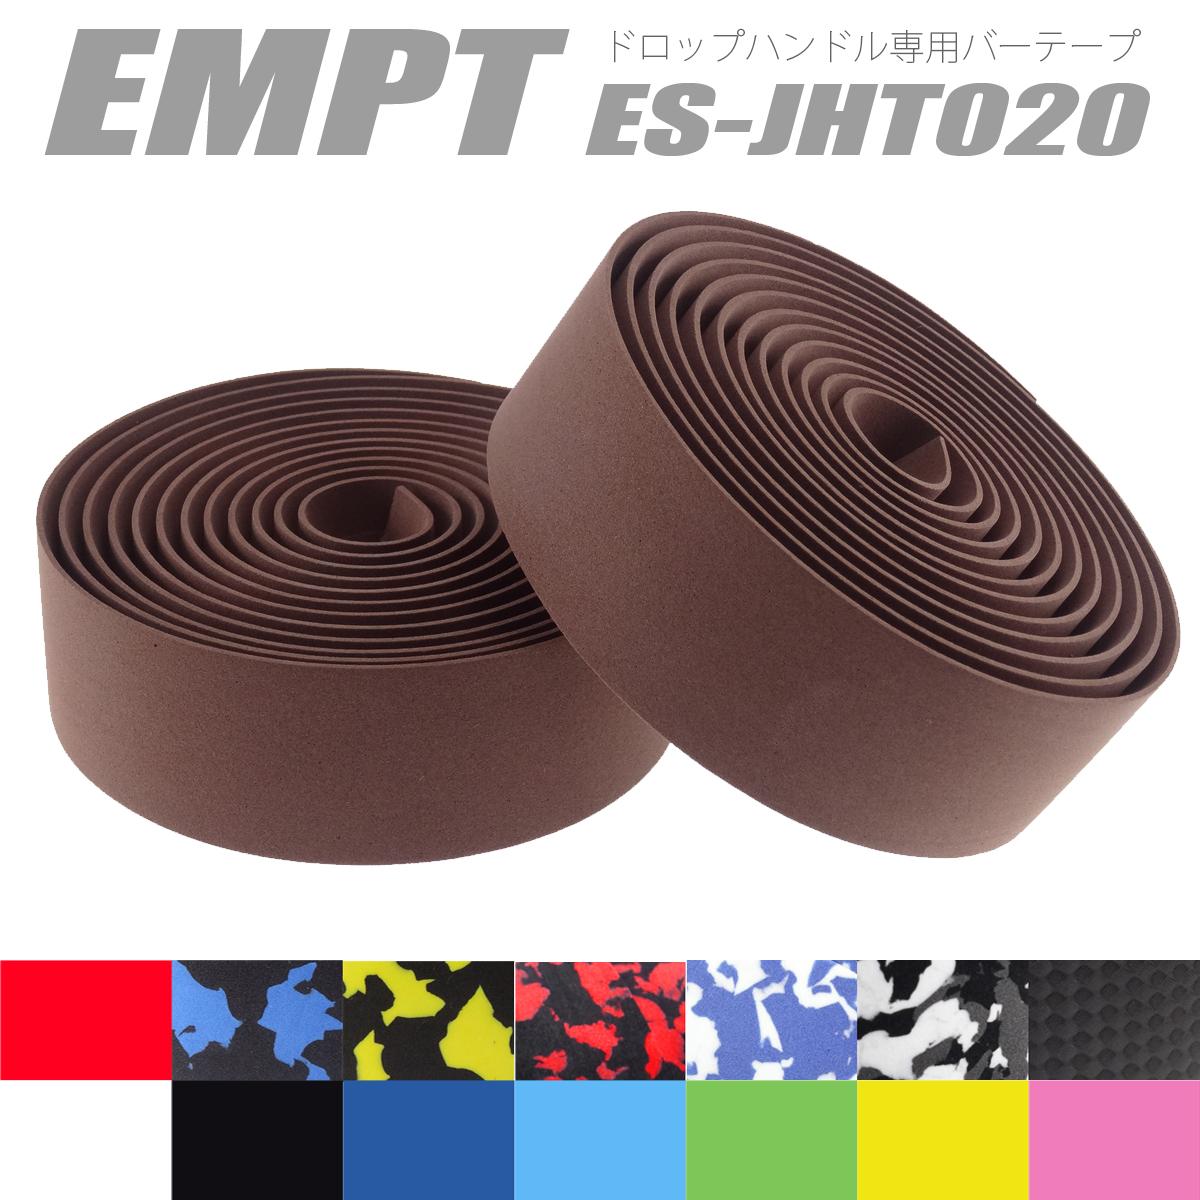 EMPT ES-JHT020 バーテープ 新色登場